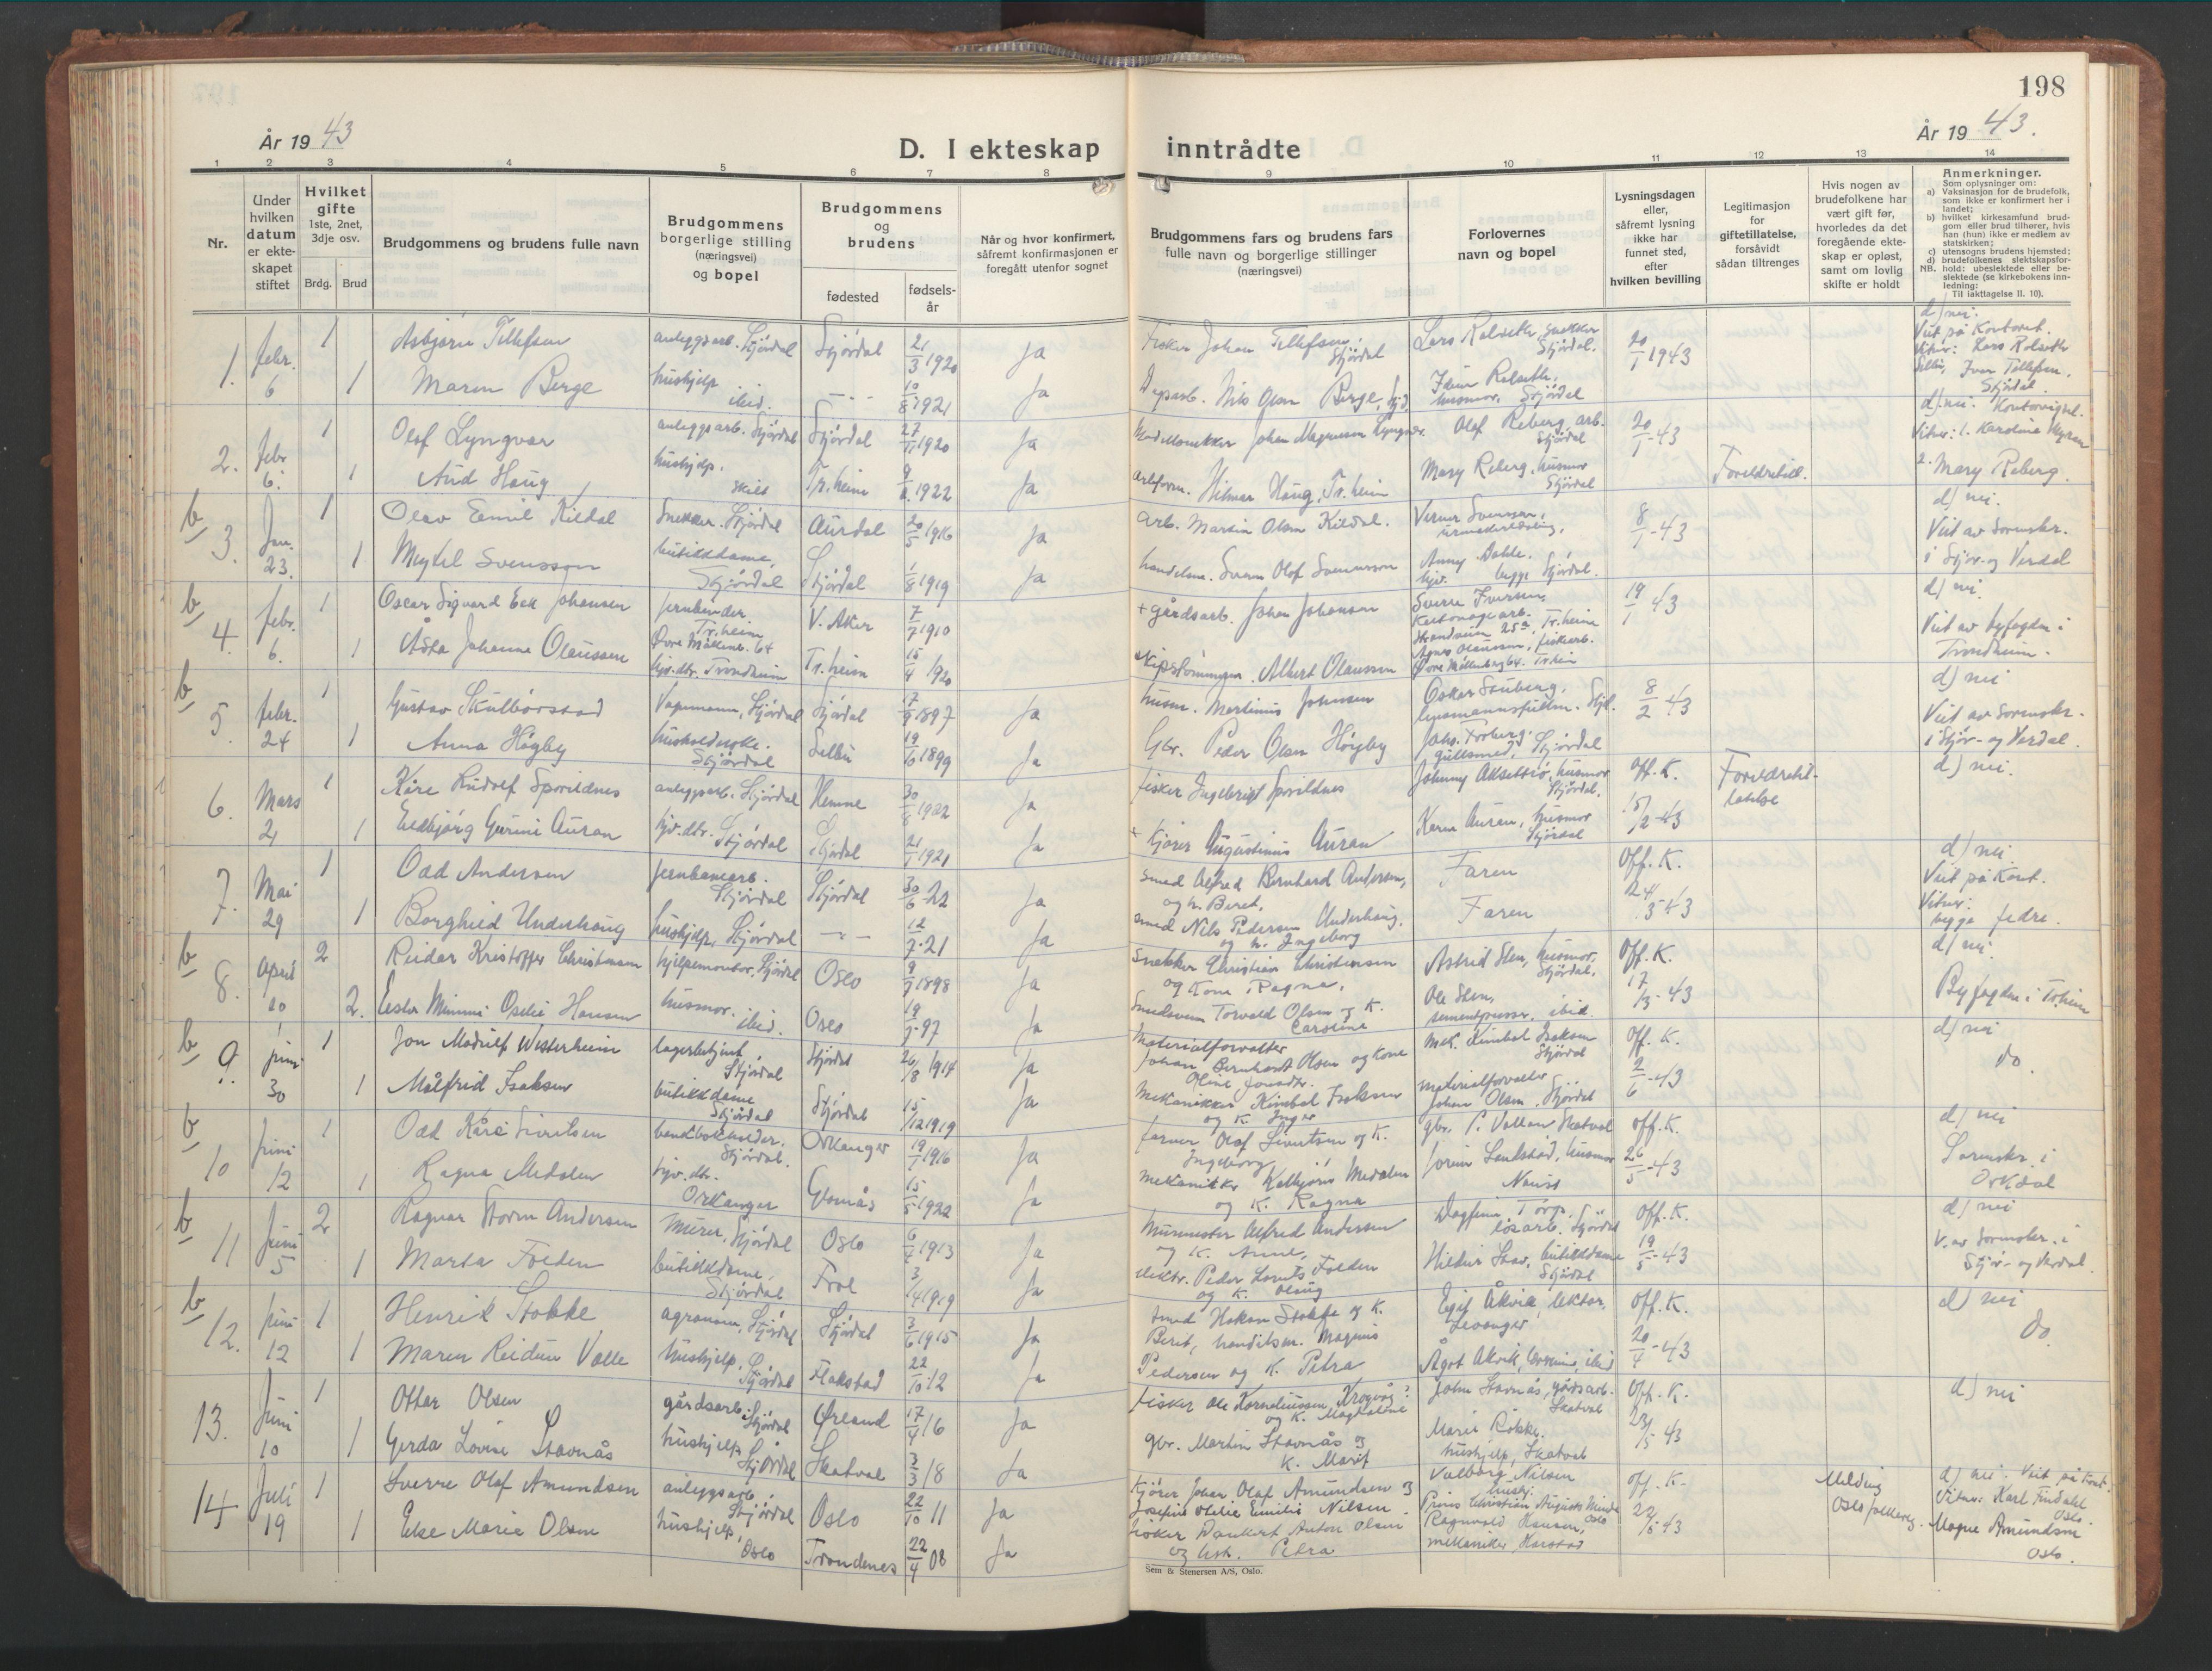 SAT, Ministerialprotokoller, klokkerbøker og fødselsregistre - Nord-Trøndelag, 709/L0089: Klokkerbok nr. 709C03, 1935-1948, s. 198